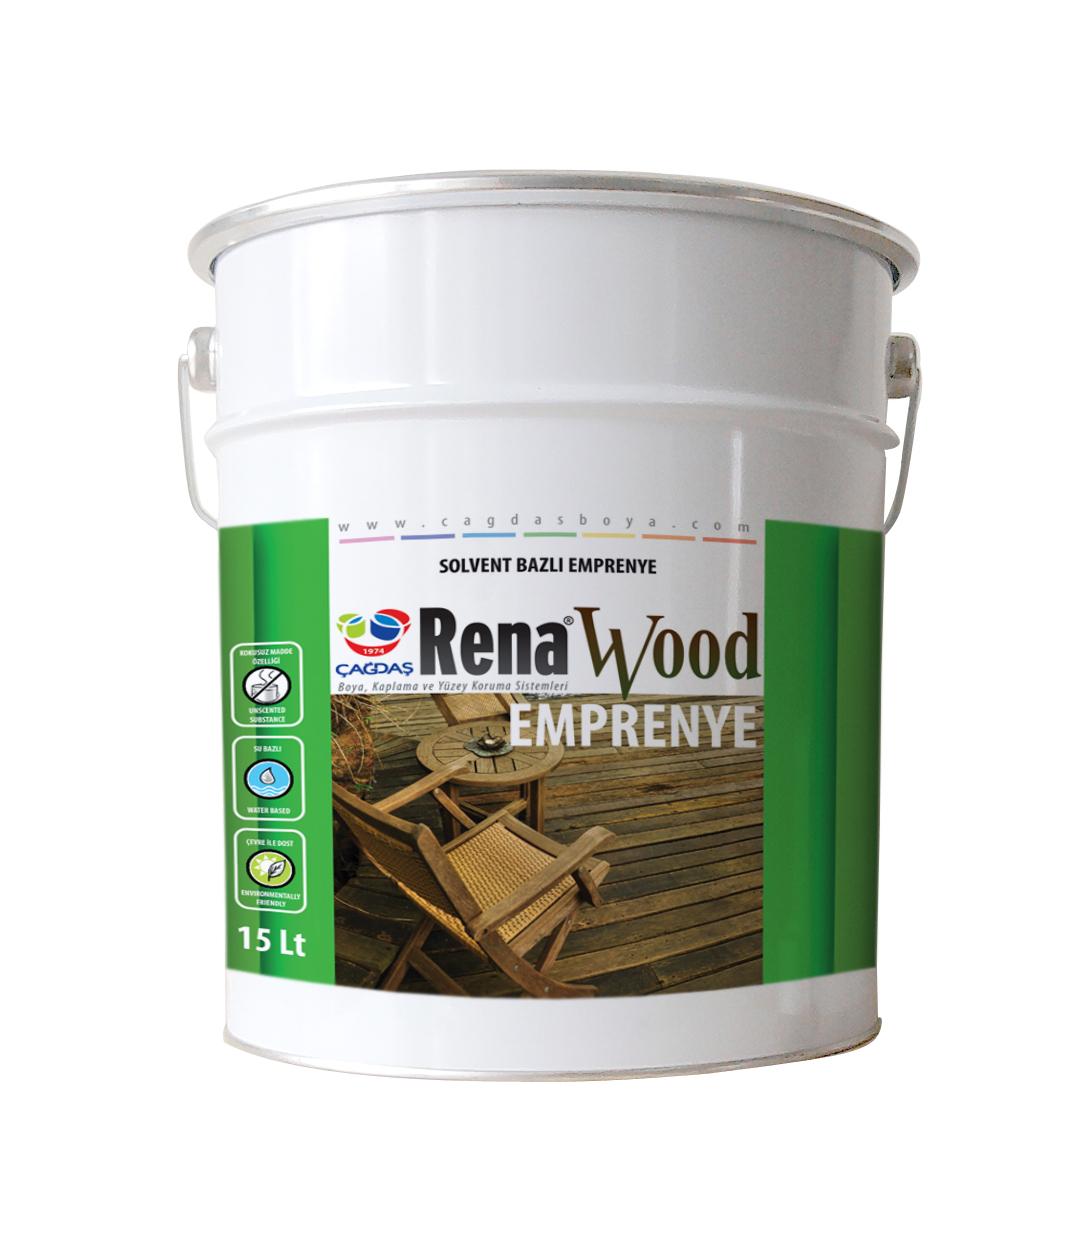 Rena Wood Emprenye